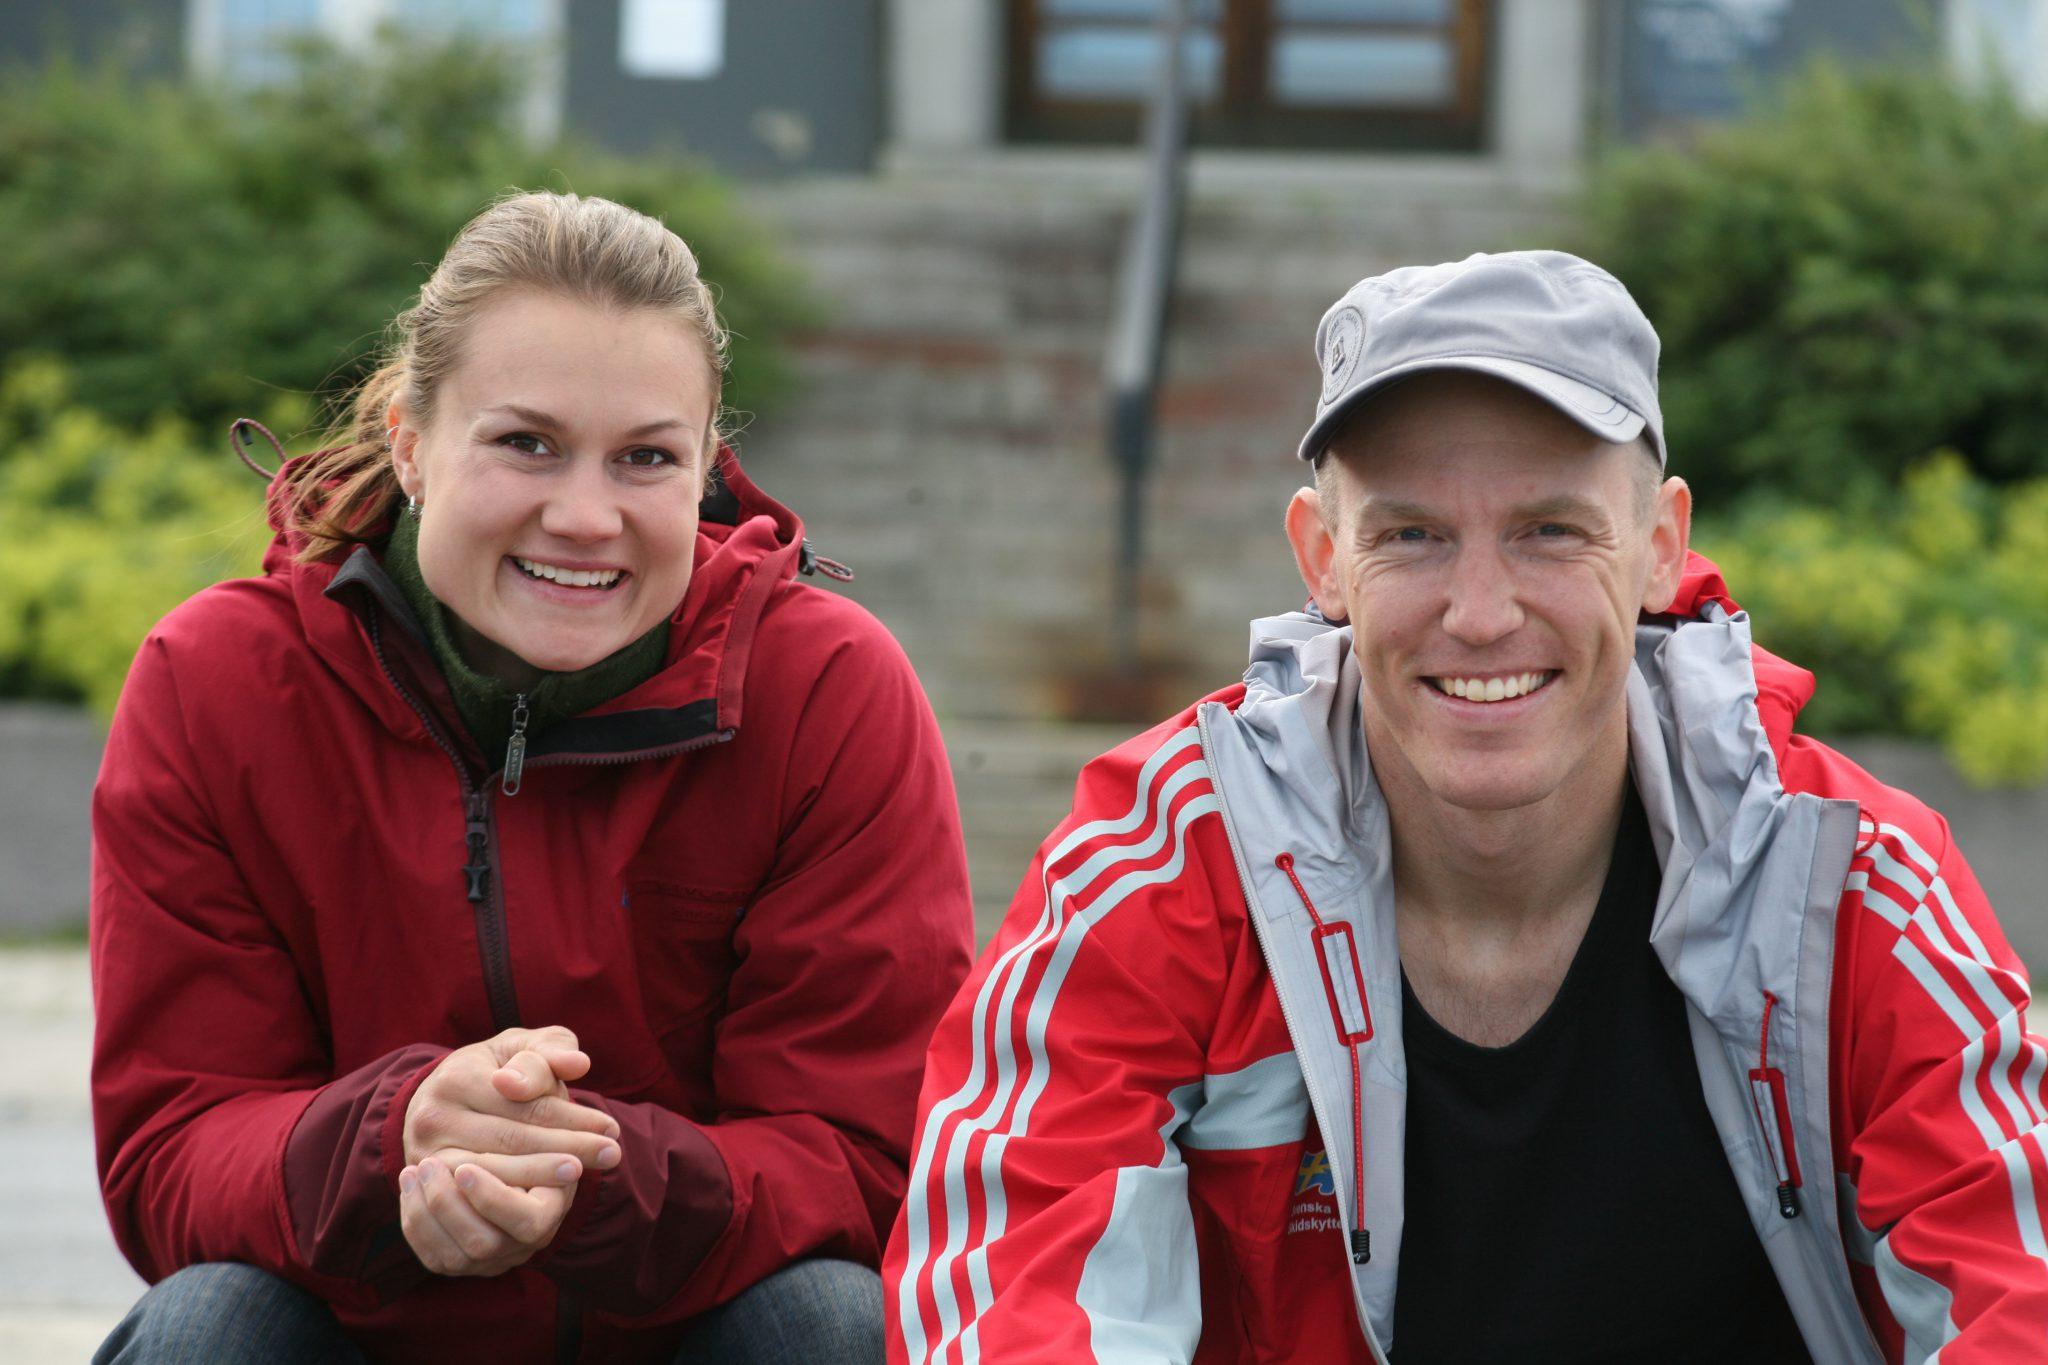 Armbryterskan Heidi Andersson och skidskytten Björn Ferry